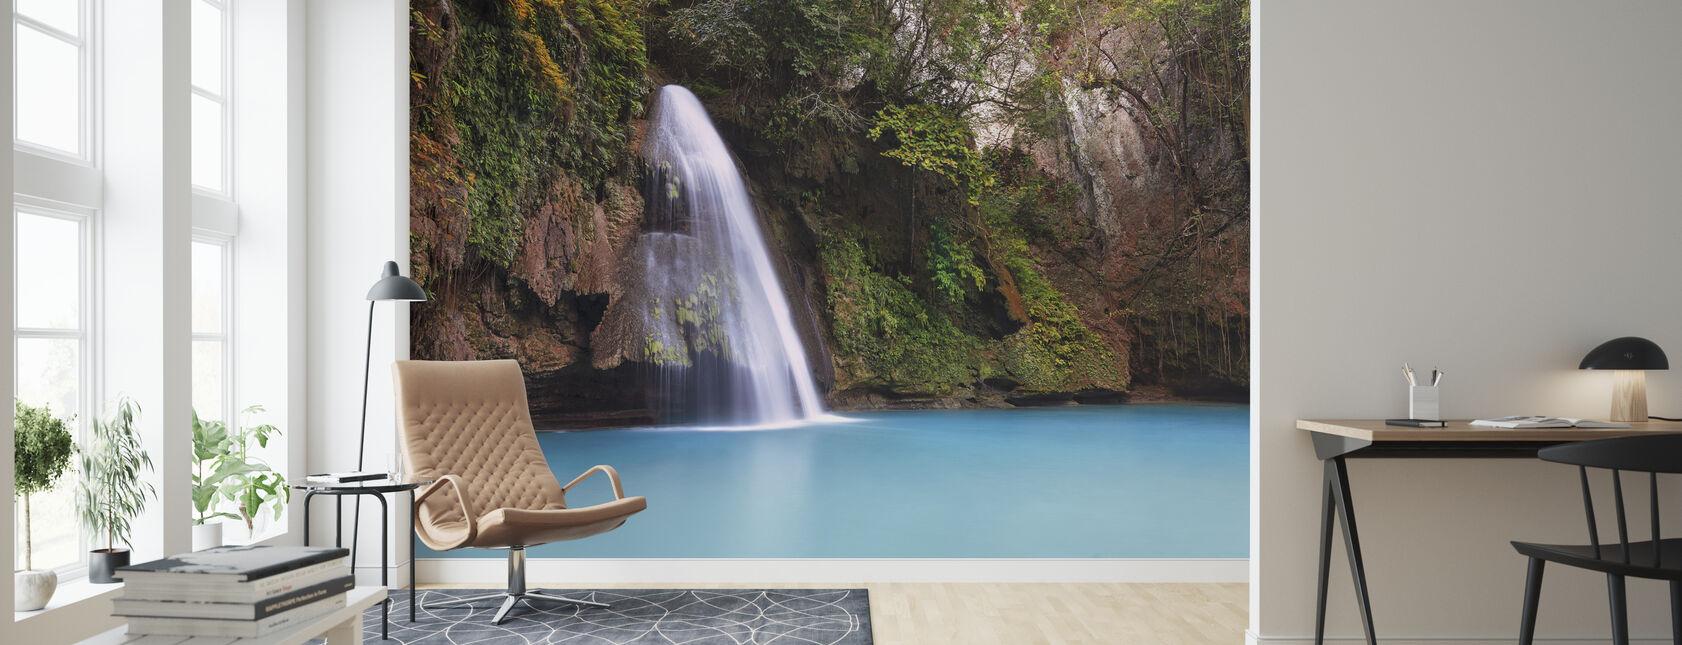 Falls Area - Wallpaper - Living Room